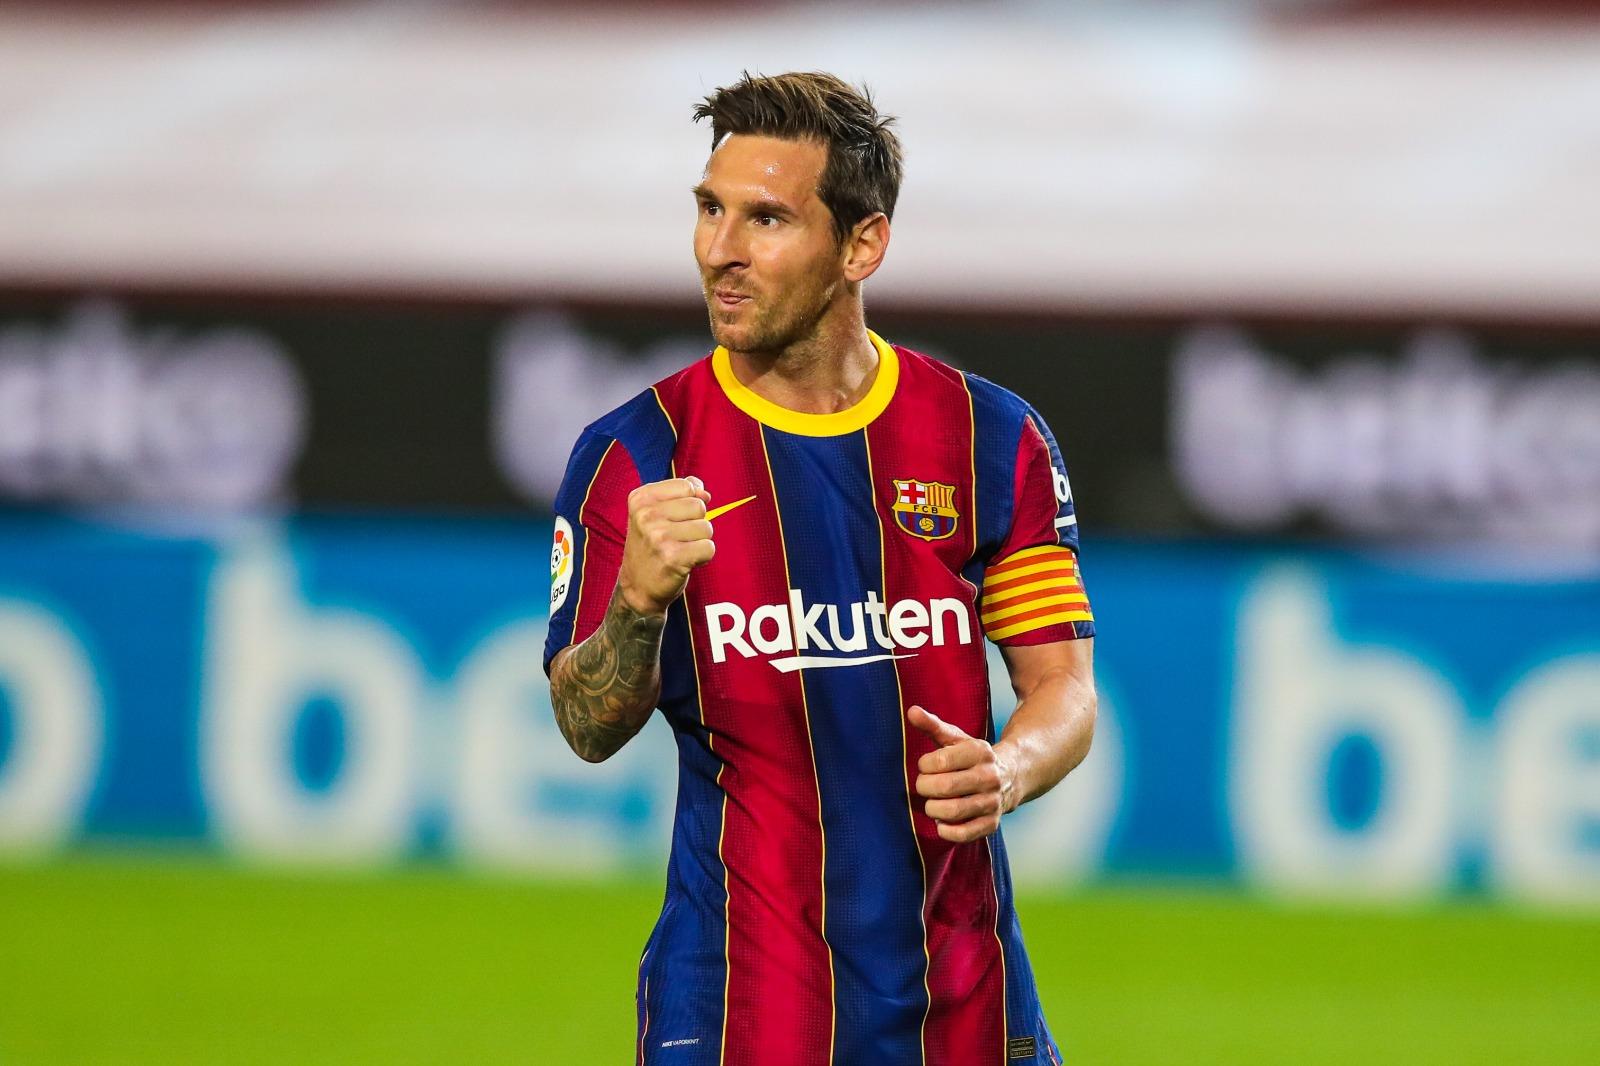 عودة ليونيل ميسي إلى تدريبات برشلونة ستتأخر..